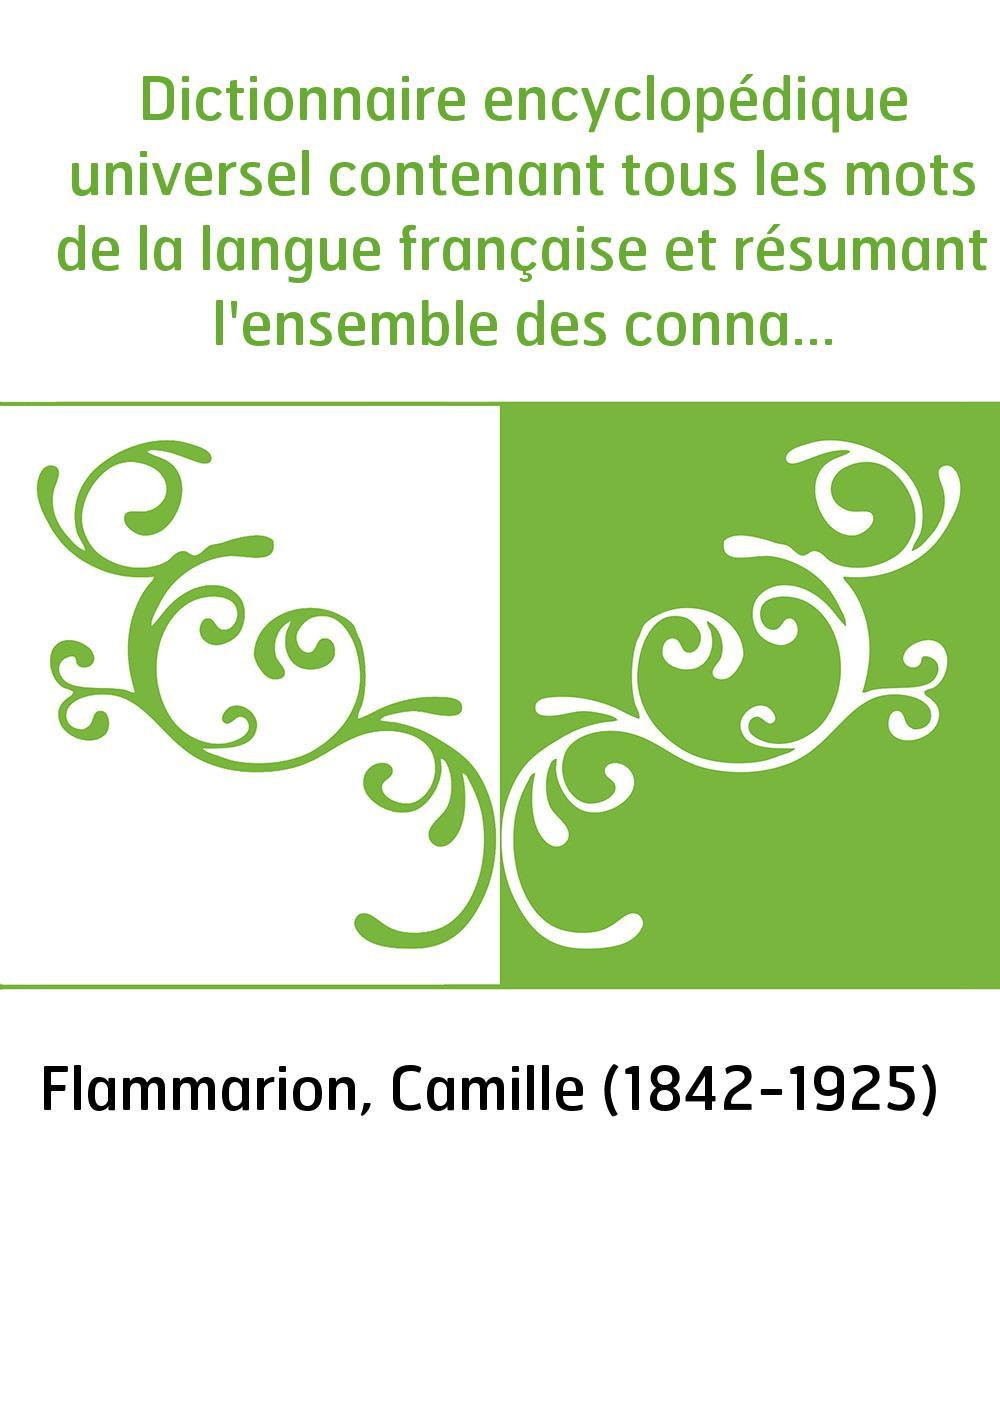 Dictionnaire encyclopédique universel contenant tous les mots de la langue française et résumant l'ensemble des connaissances hu